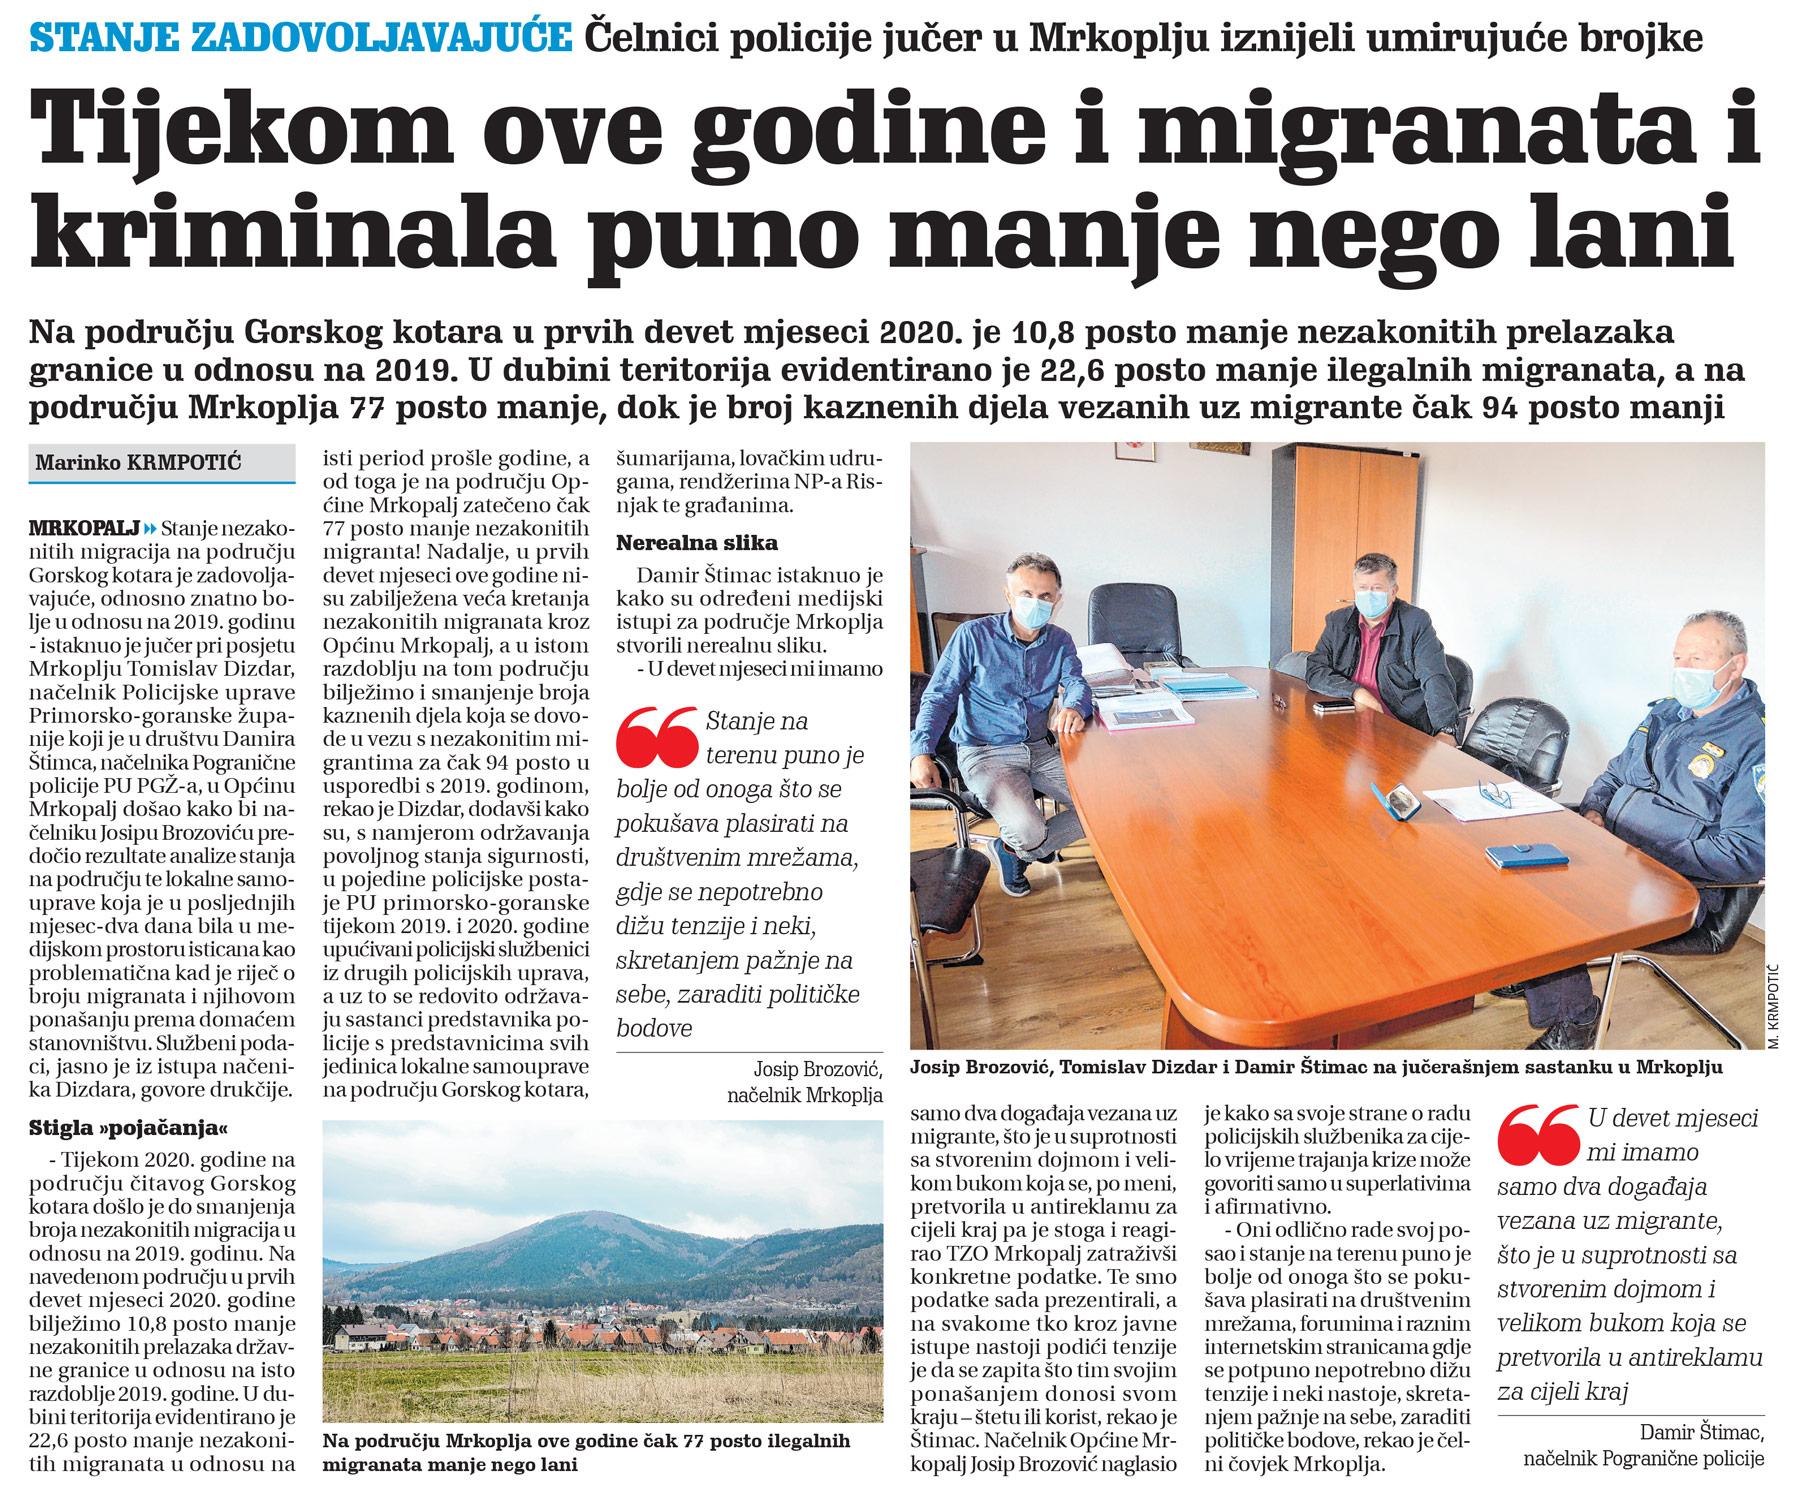 članak, novi list, policija, migranti, kriminal